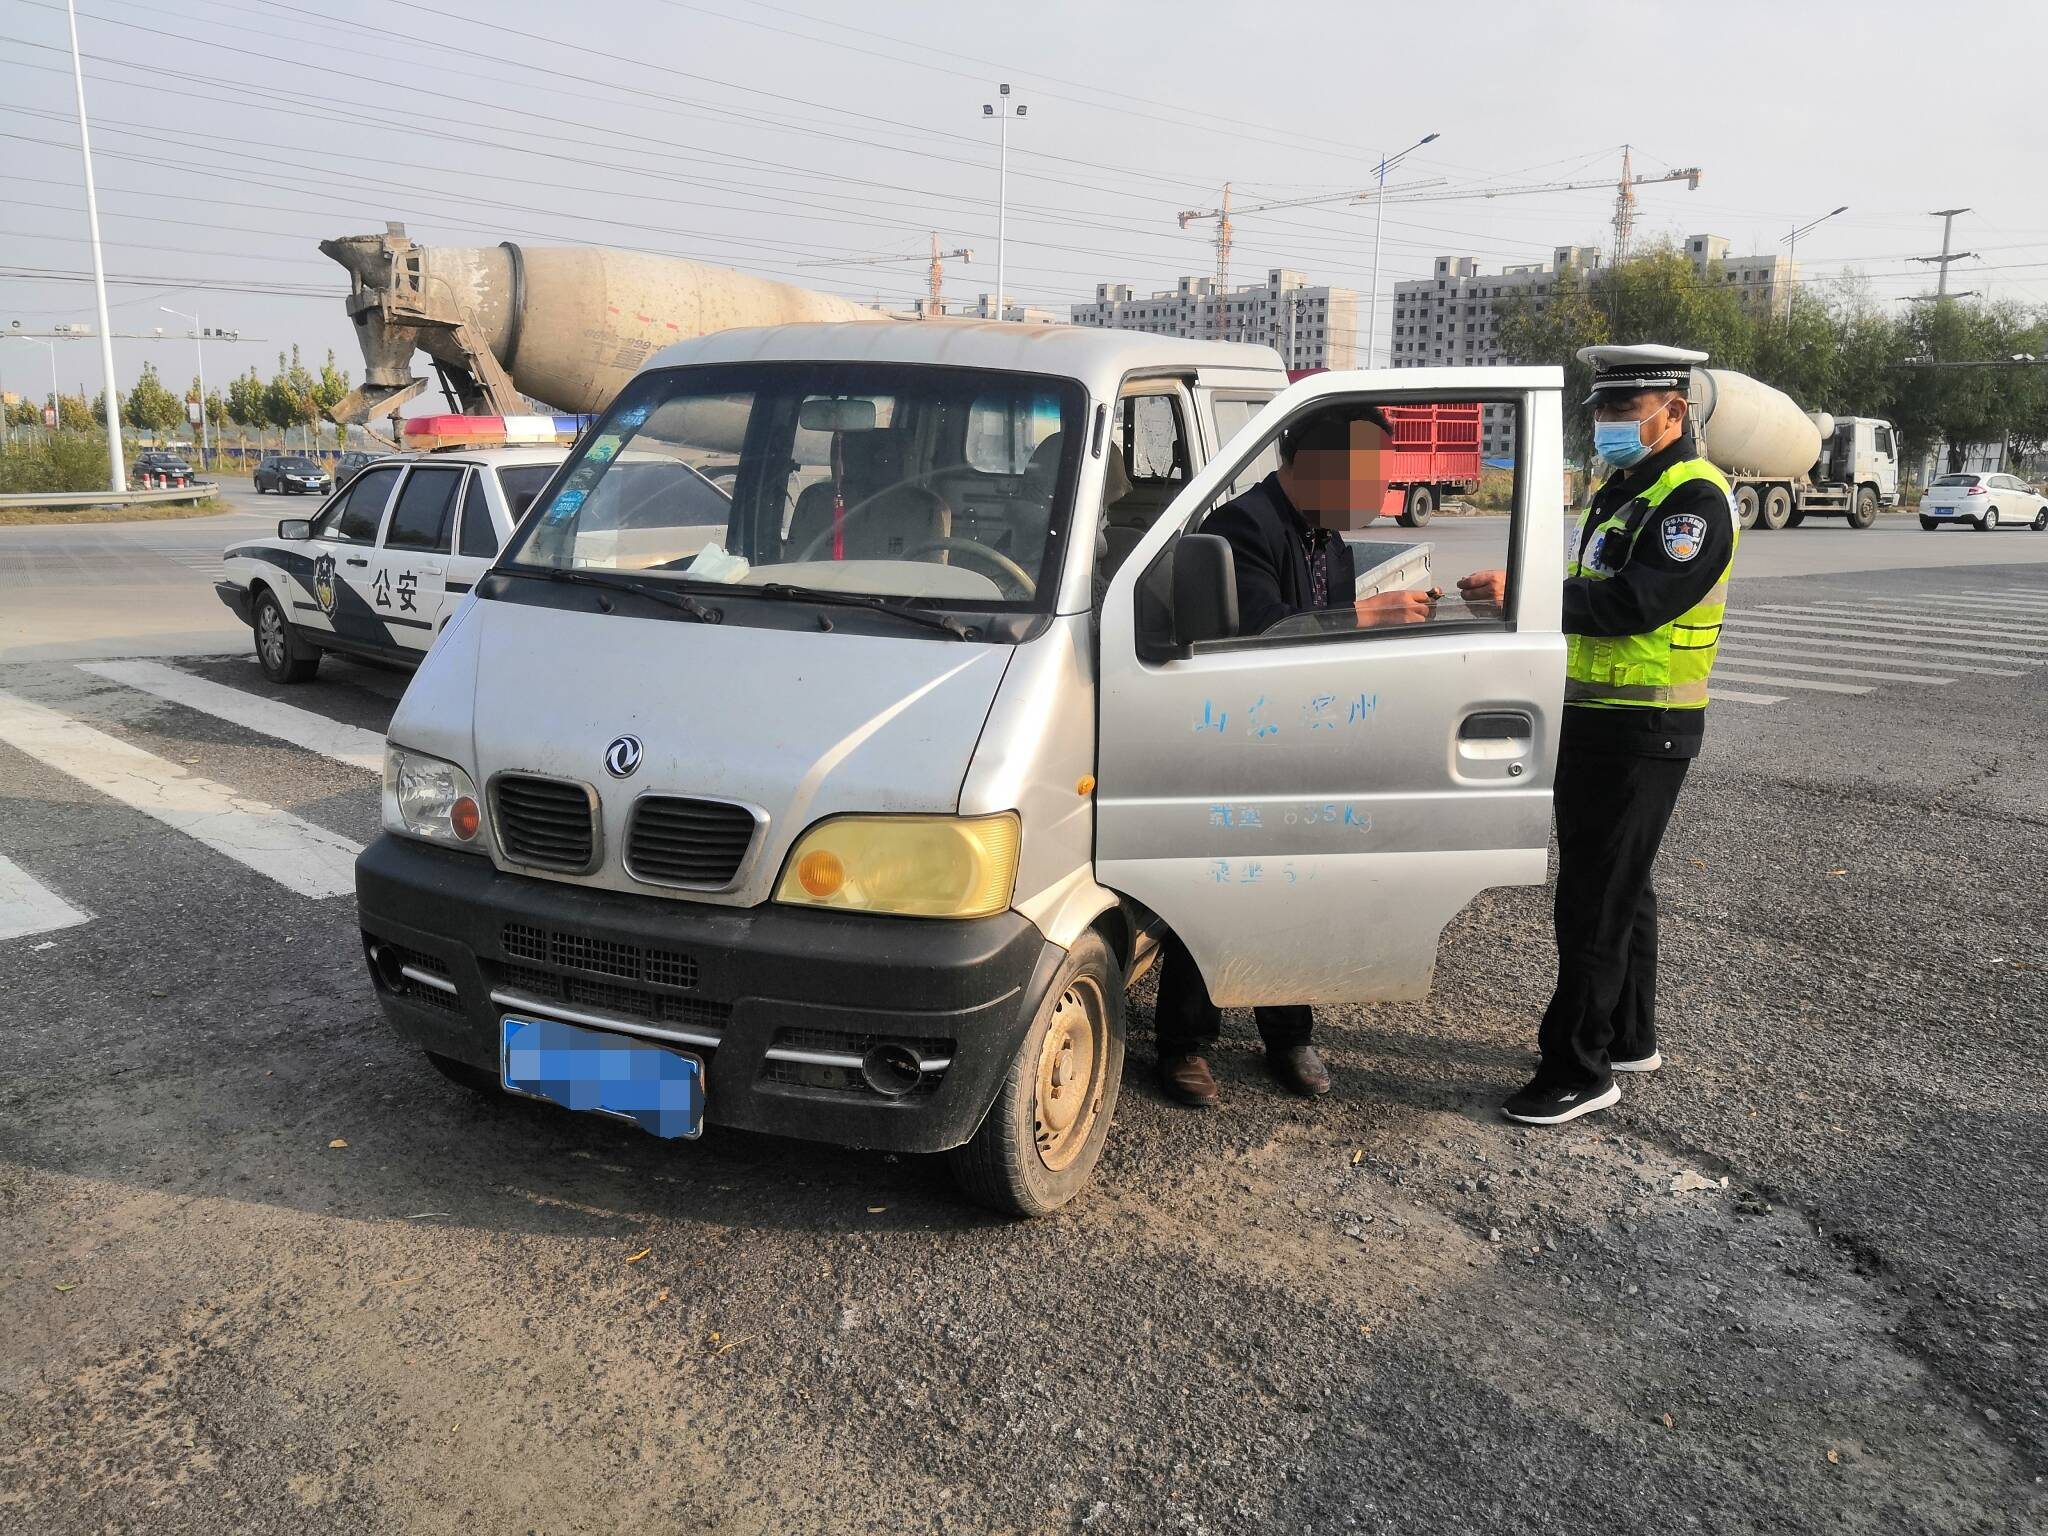 雷霆出击!滨州阳信交警仅用三分钟快速查获一辆报废车